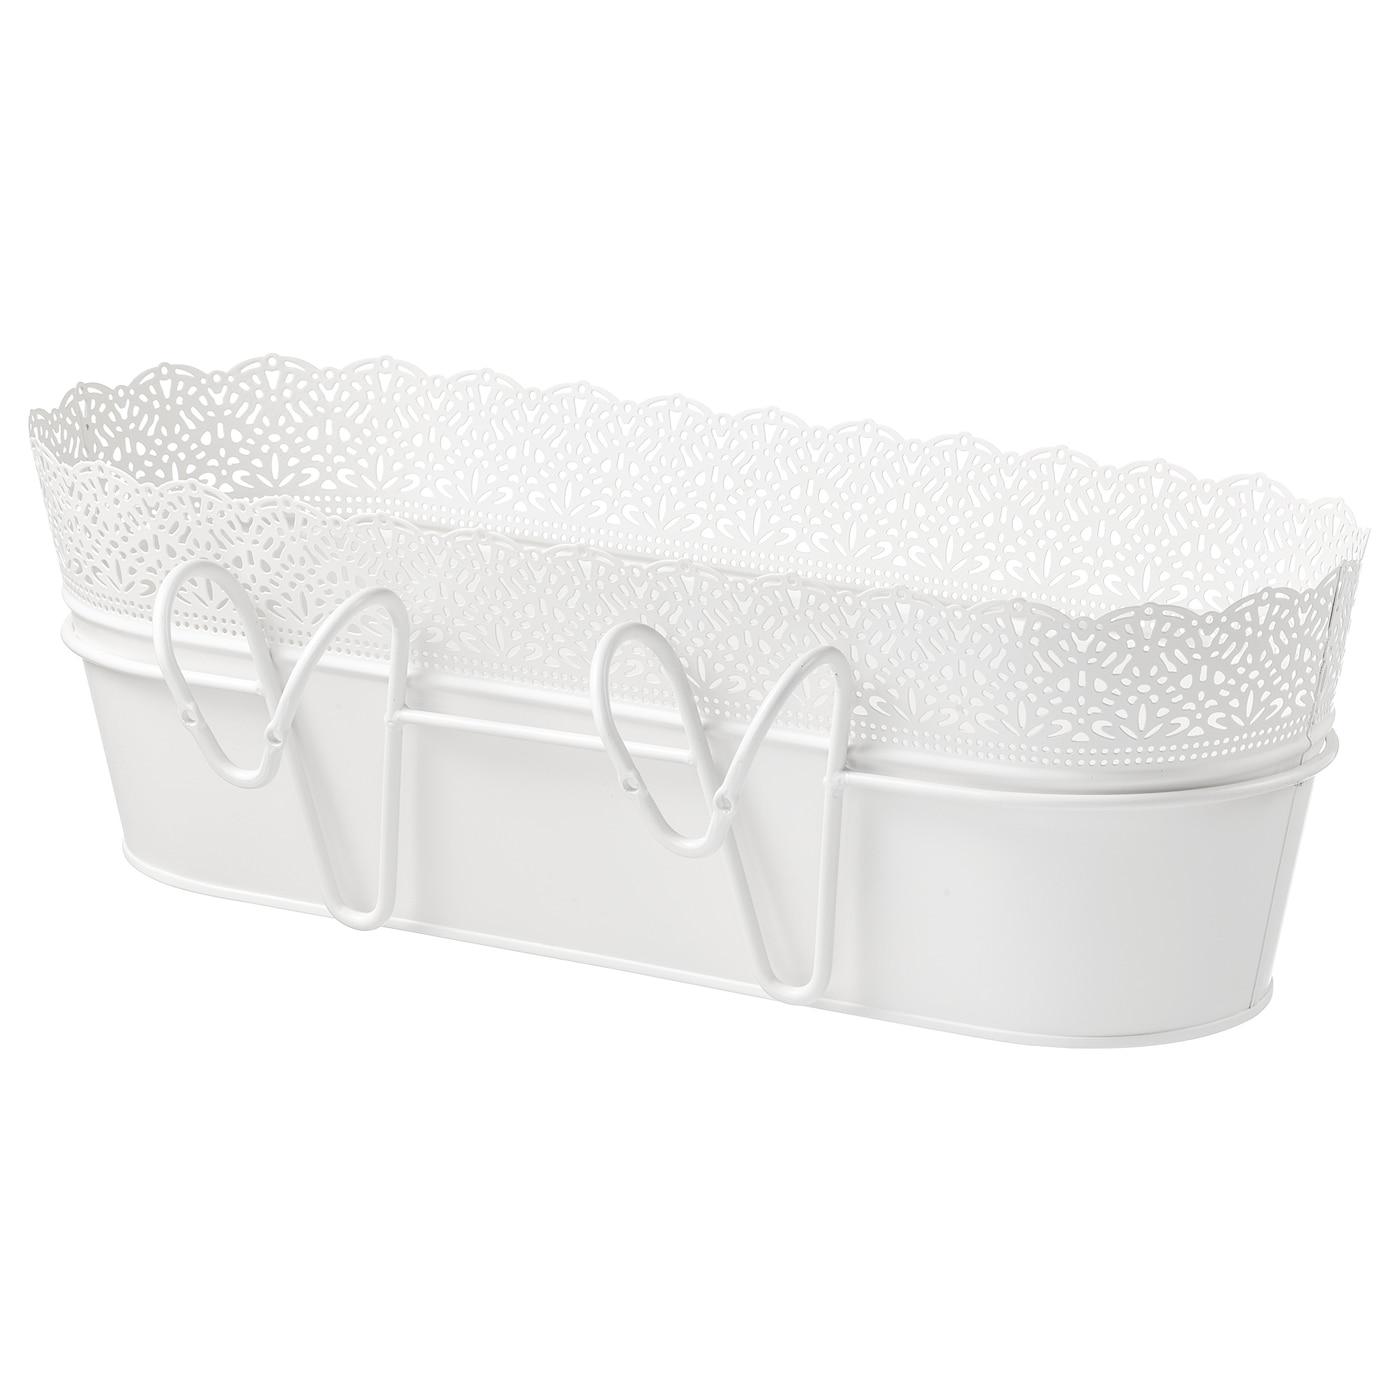 Jardinière À Suspendre Ikea skurar jardinière avec support - intérieur/extérieur, blanc 51x19 cm